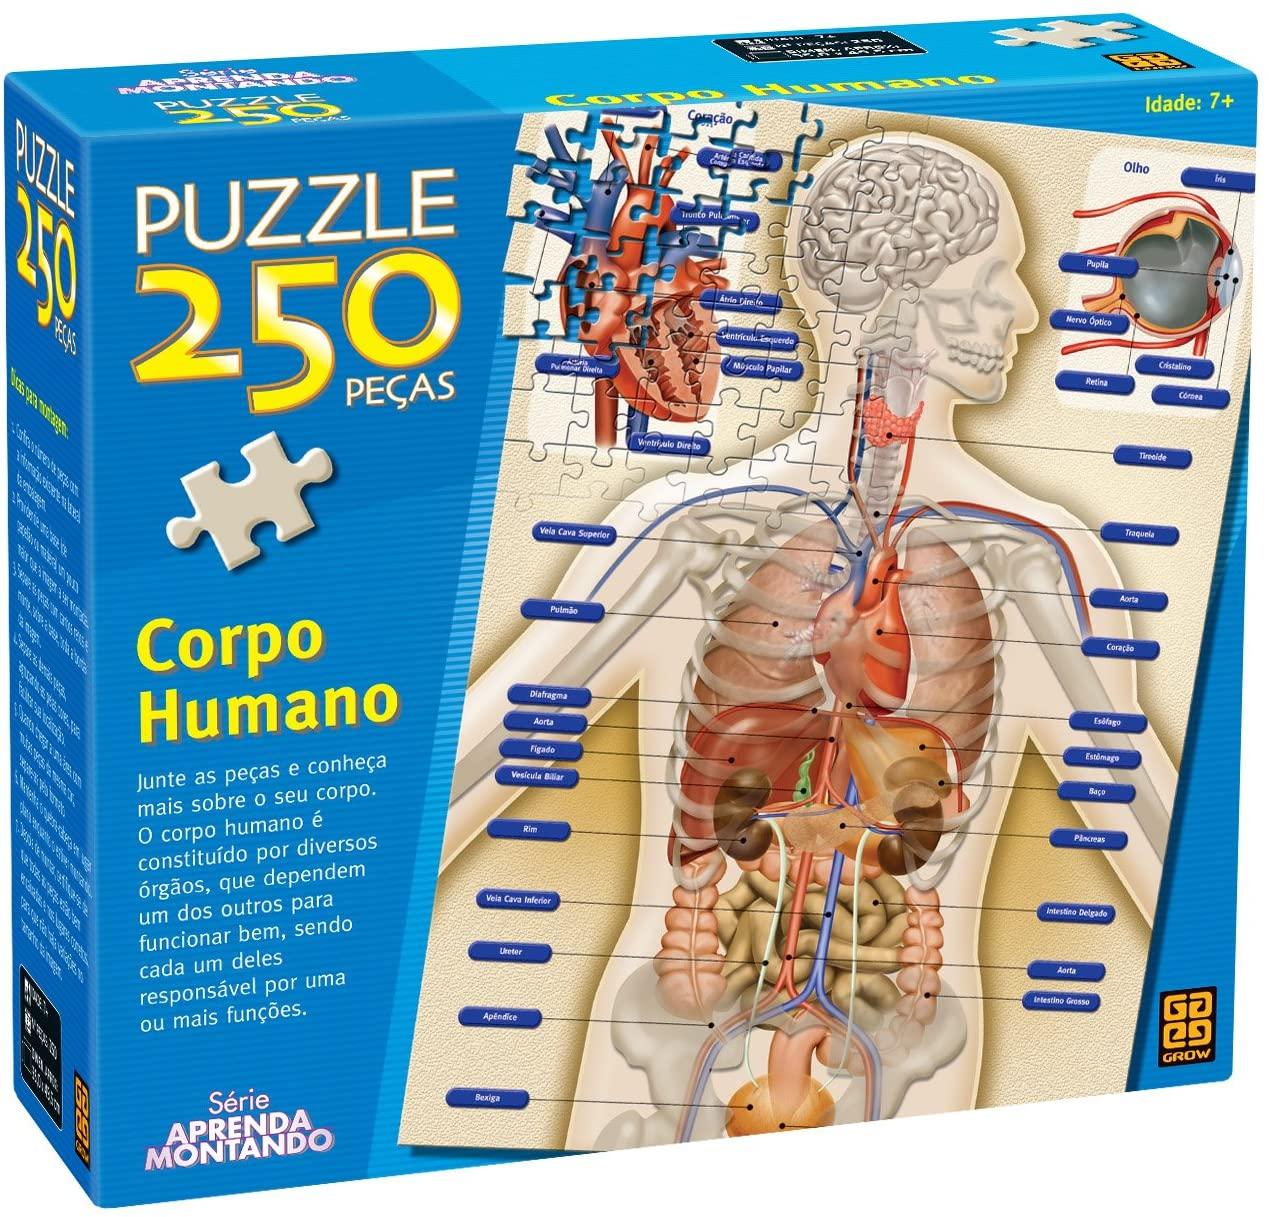 Puzzle 250 peças Corpo Humano Grow